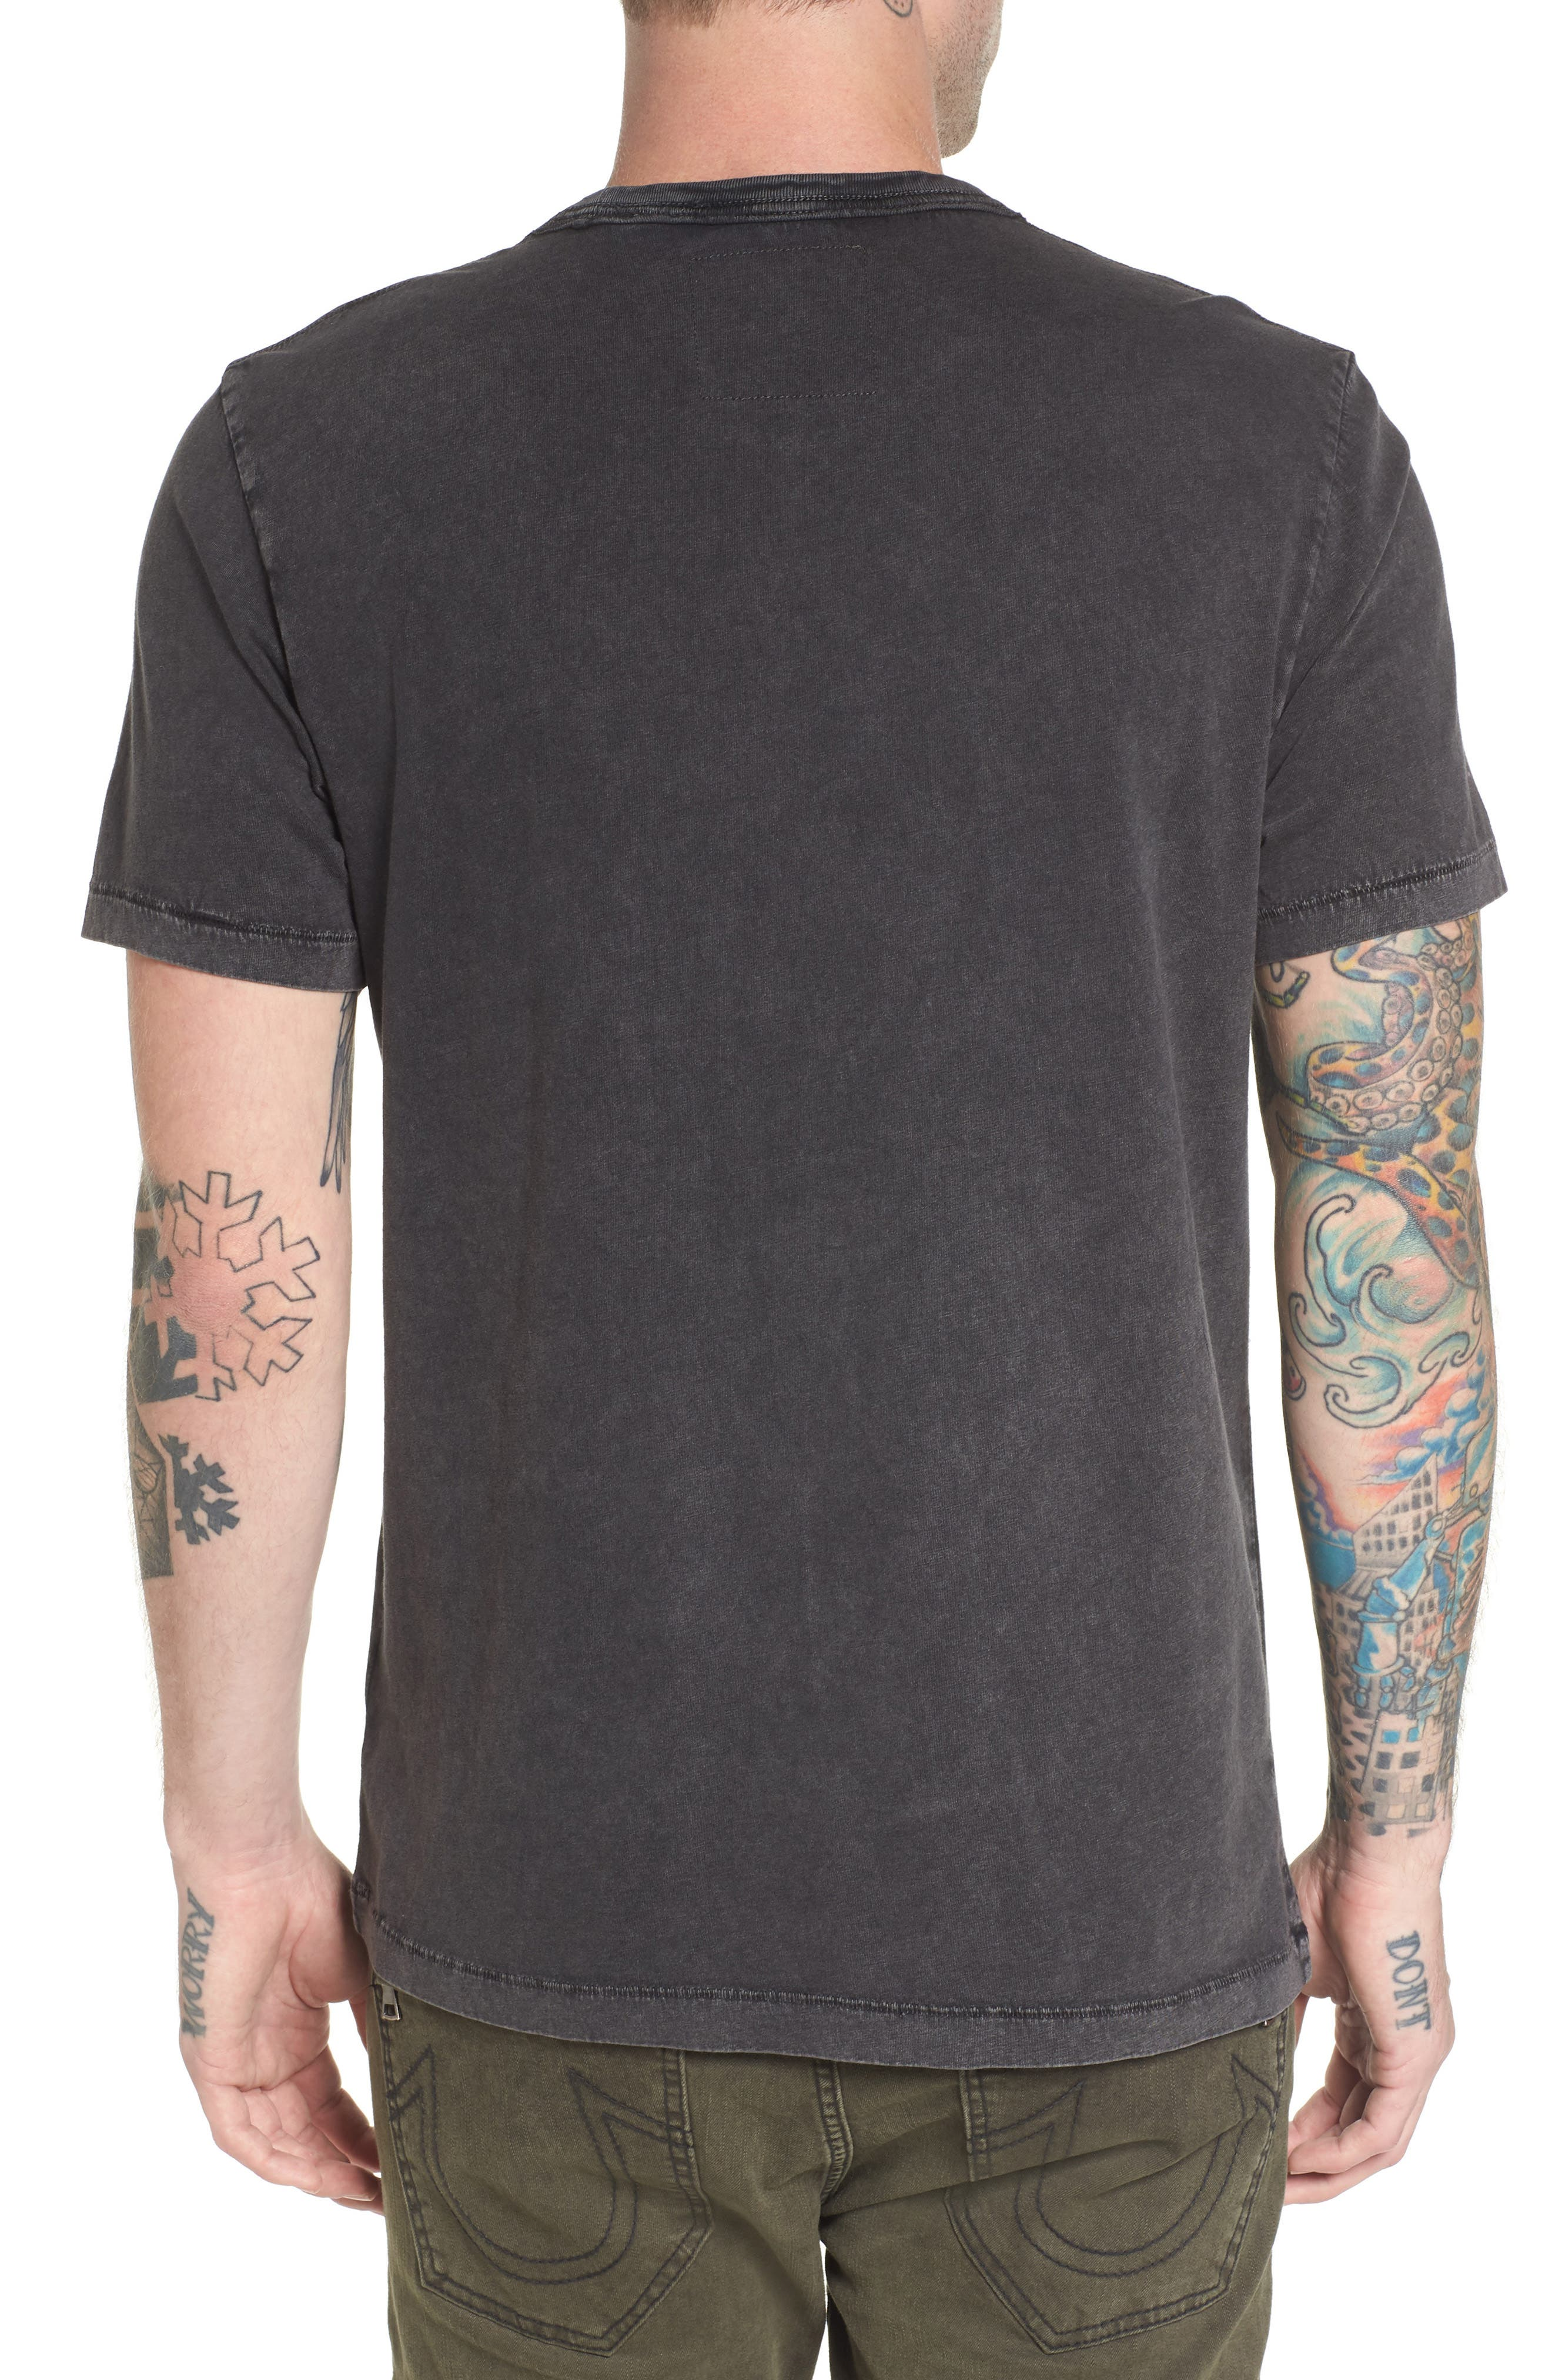 Dizzy Tour T-Shirt,                             Alternate thumbnail 2, color,                             001